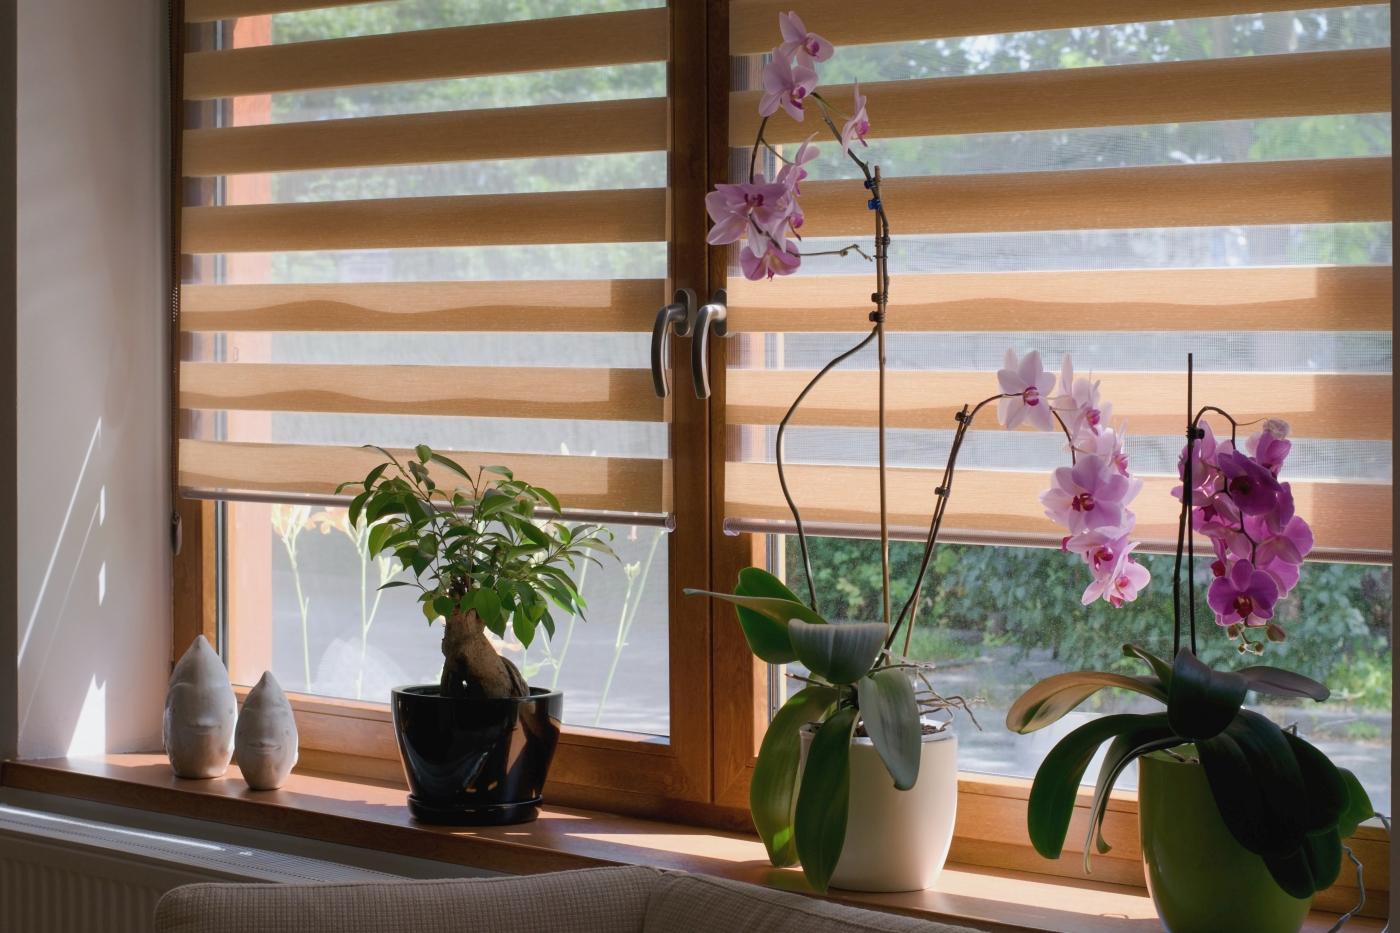 Żaluzje dzień noc to tanie rolety. Montaż rolety jest łatwy i sprawdzi się na każdym oknie.